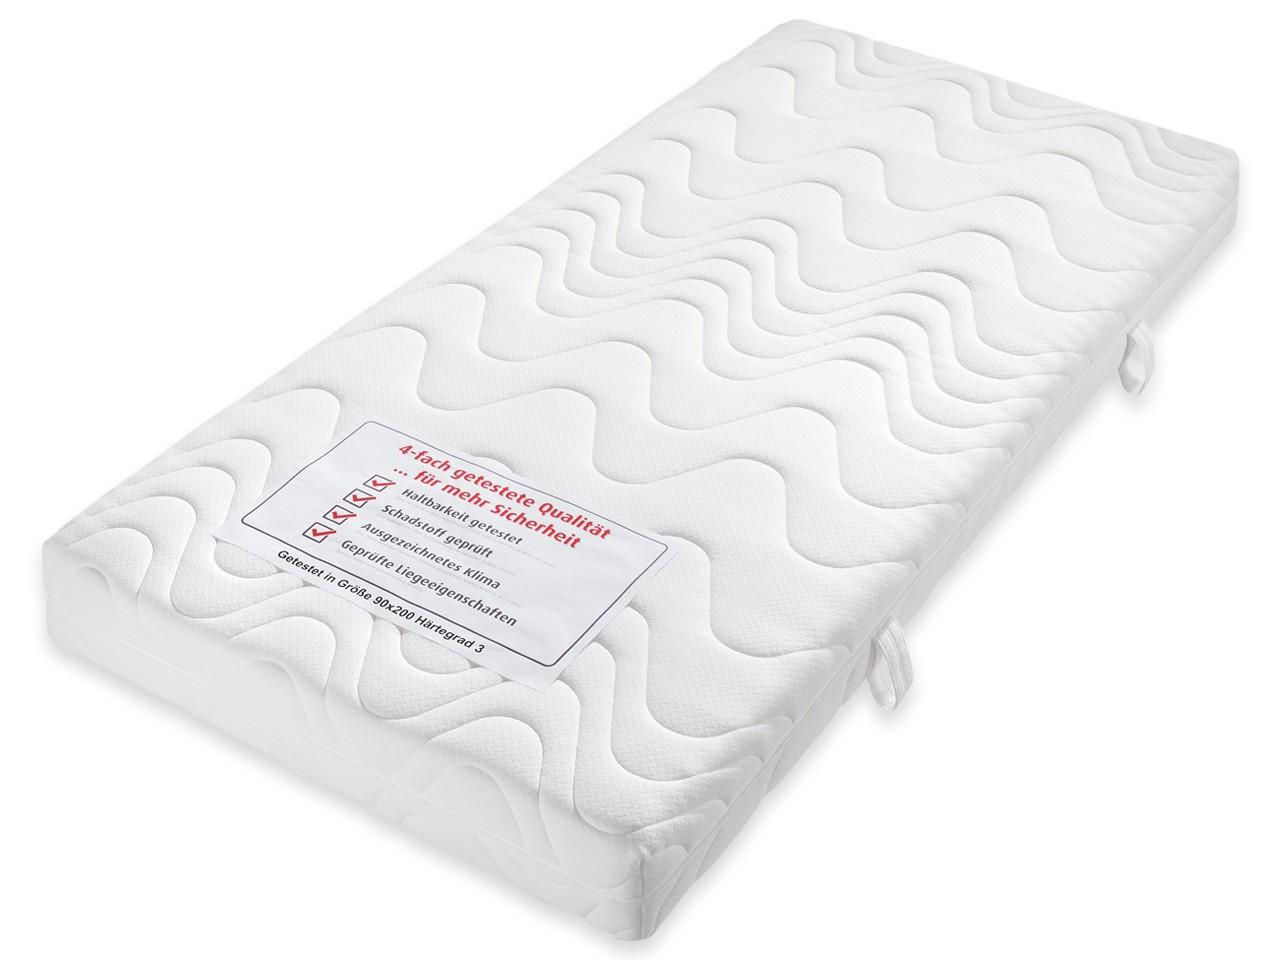 Beco Komfortschaum Matratze Ortho-Star 4-fach getestete Qualität MR111811 90x200 H3 - fest - über 80 kg